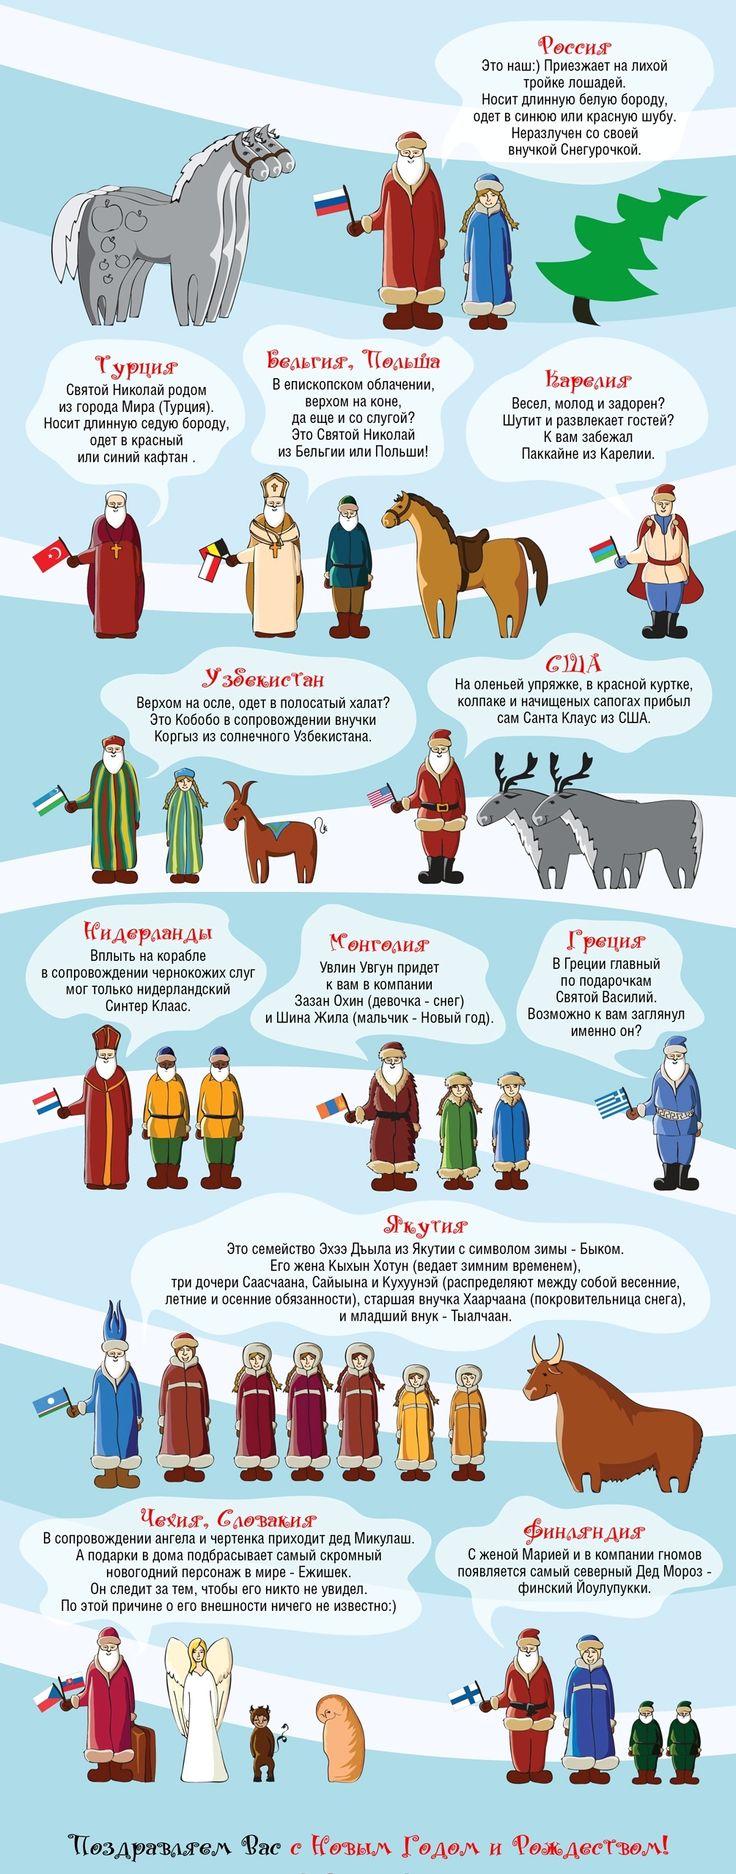 Классификация Дедов Морозов от http://lifezon.ru/ ! ))